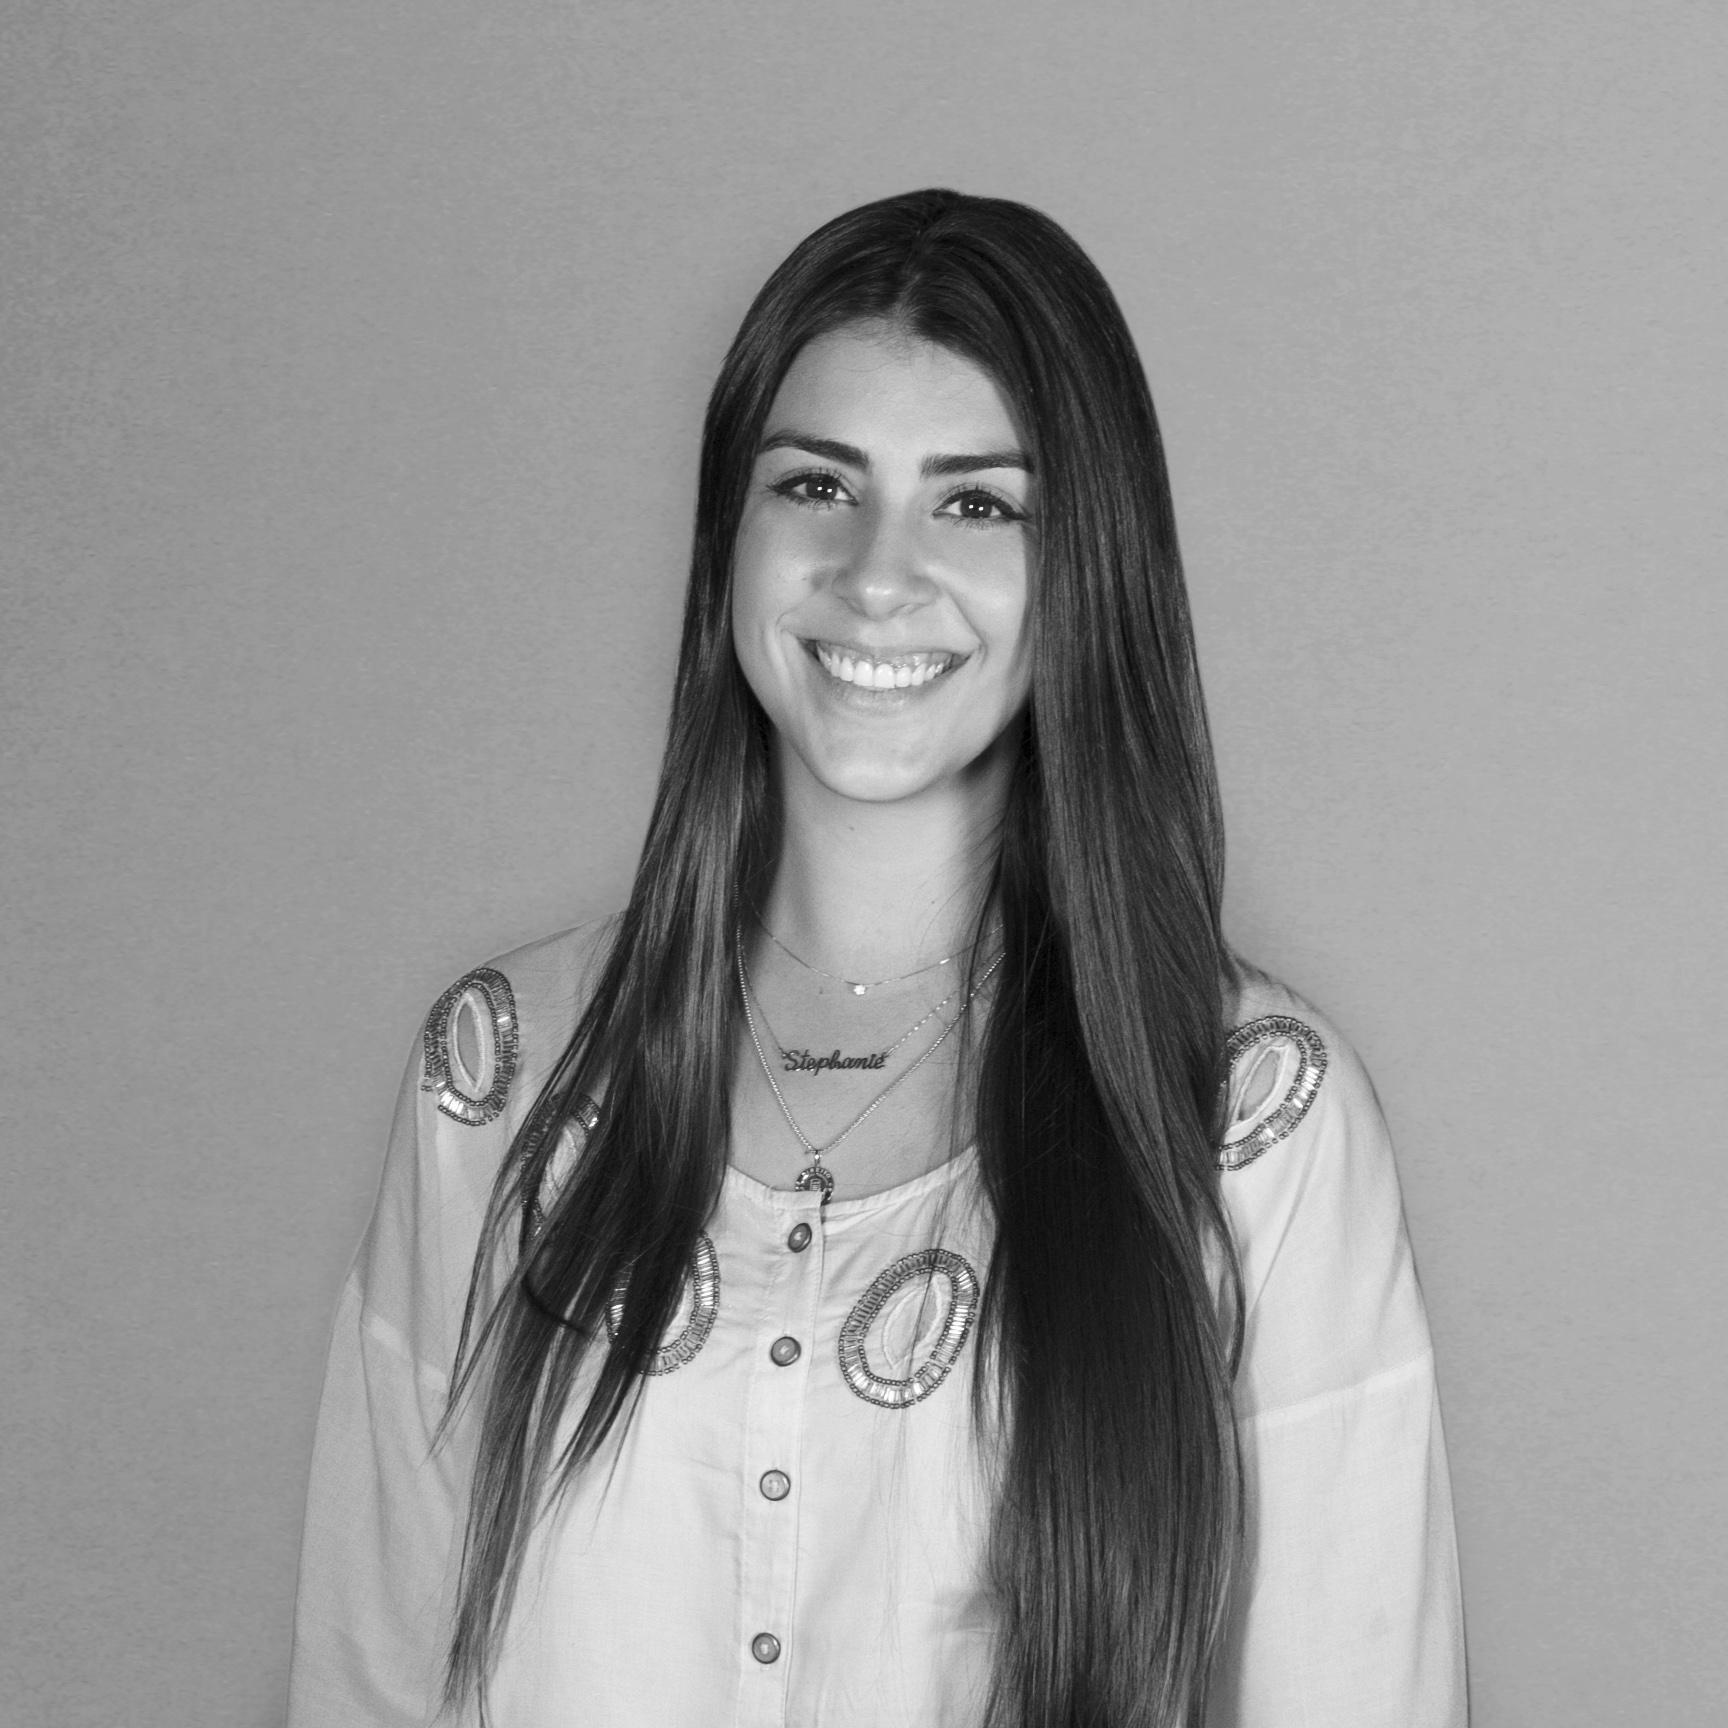 Stephanie de Oliveira Costa